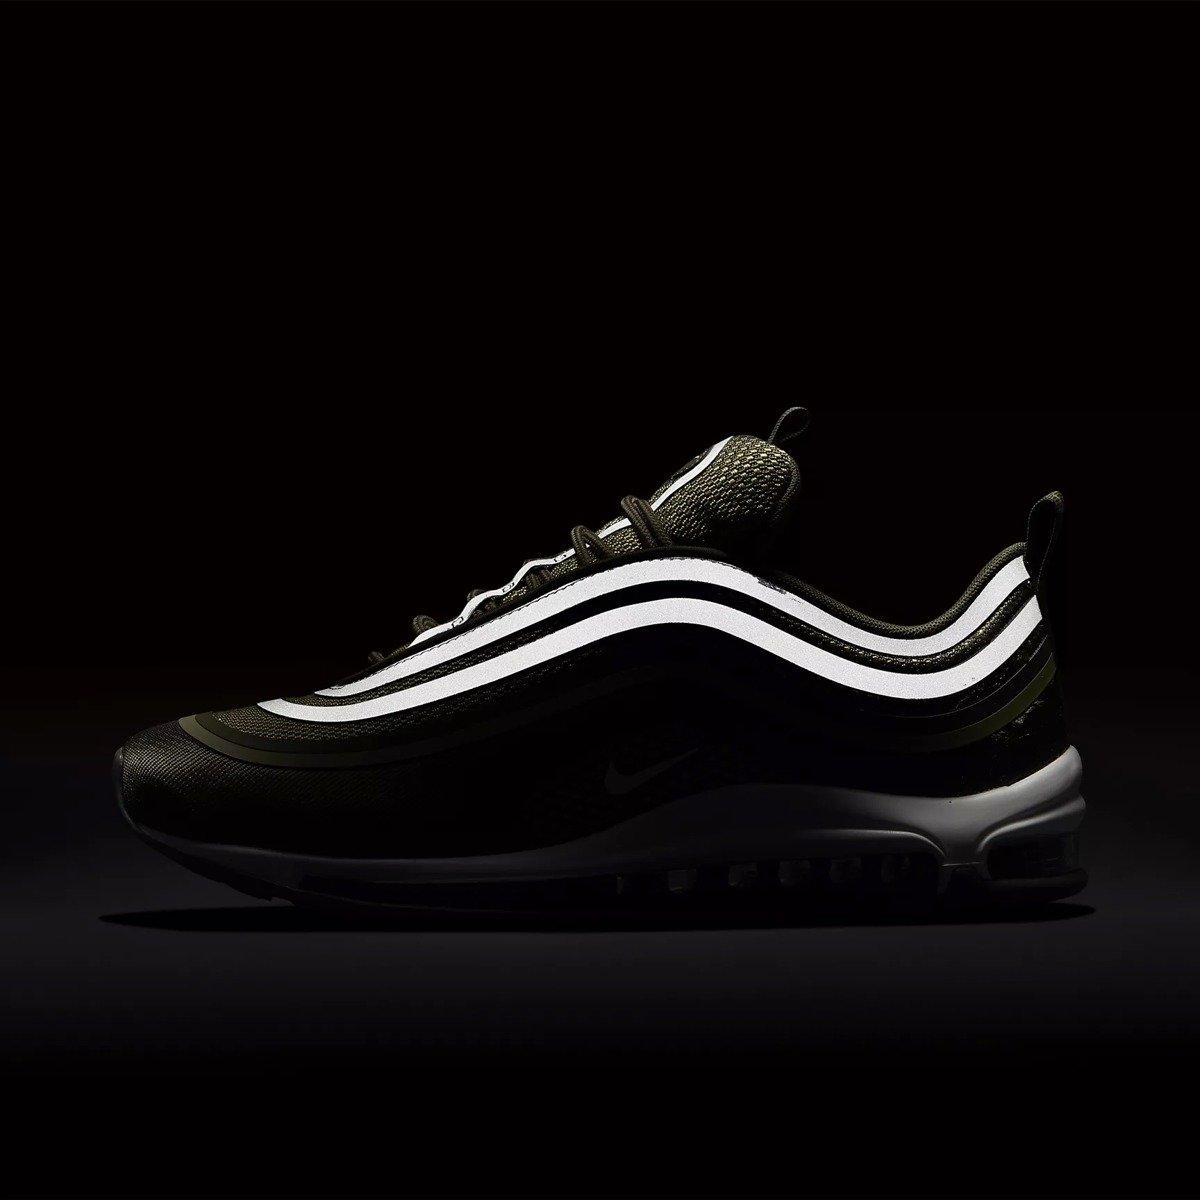 Nike Air Max 97 Ultra '17 918356 301